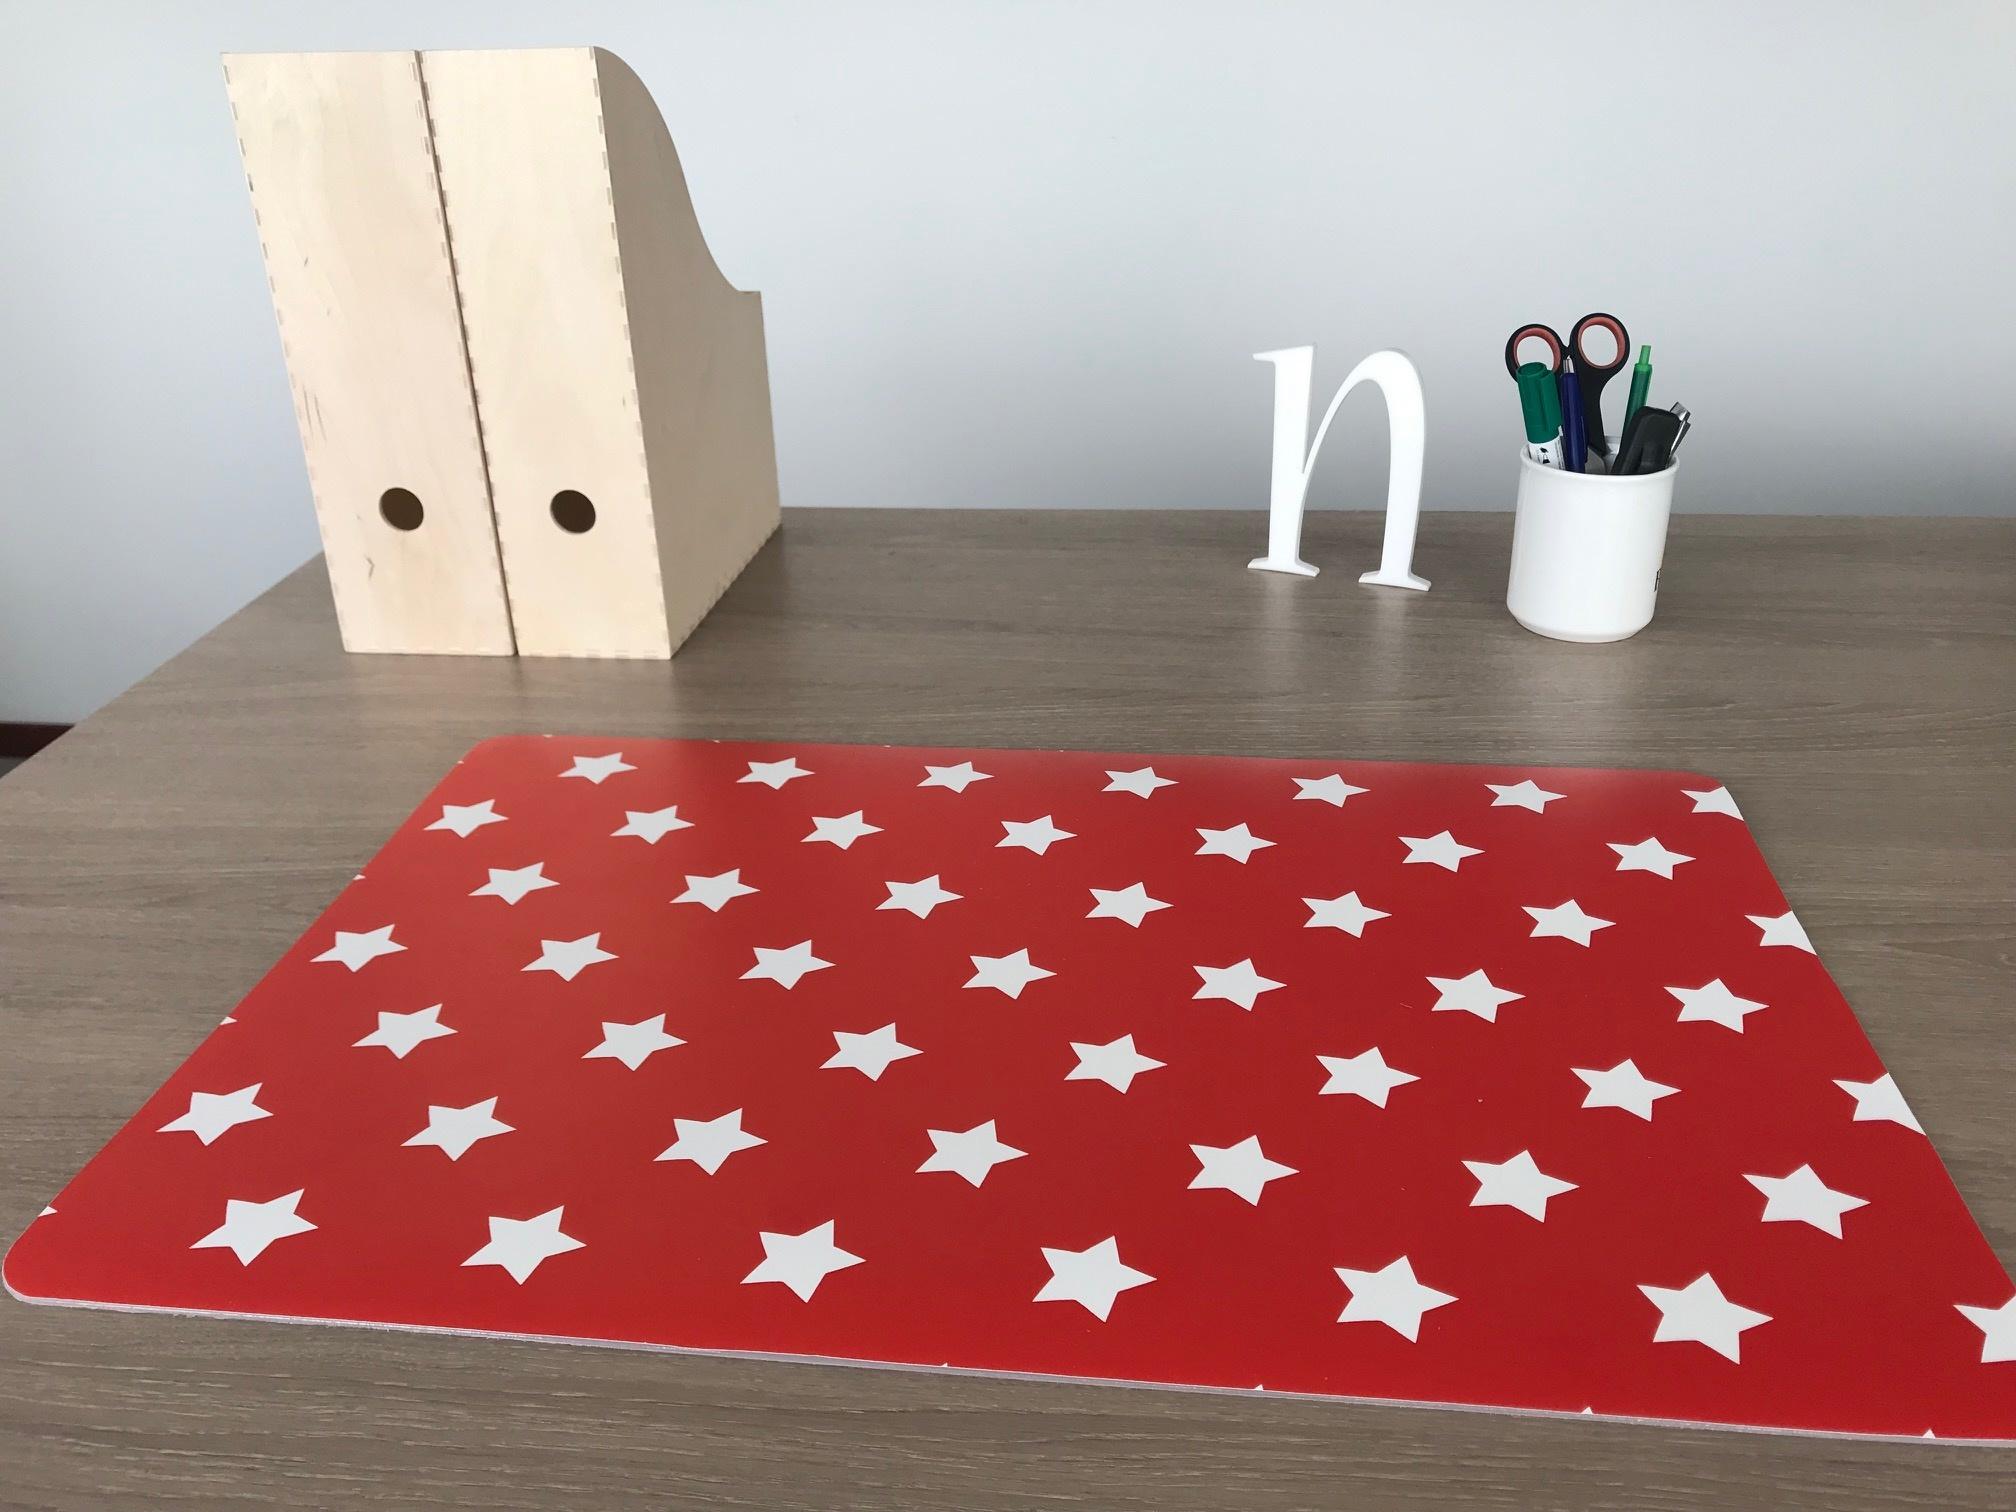 Een bureaulegger met rode achtergrond en grote witte sterren